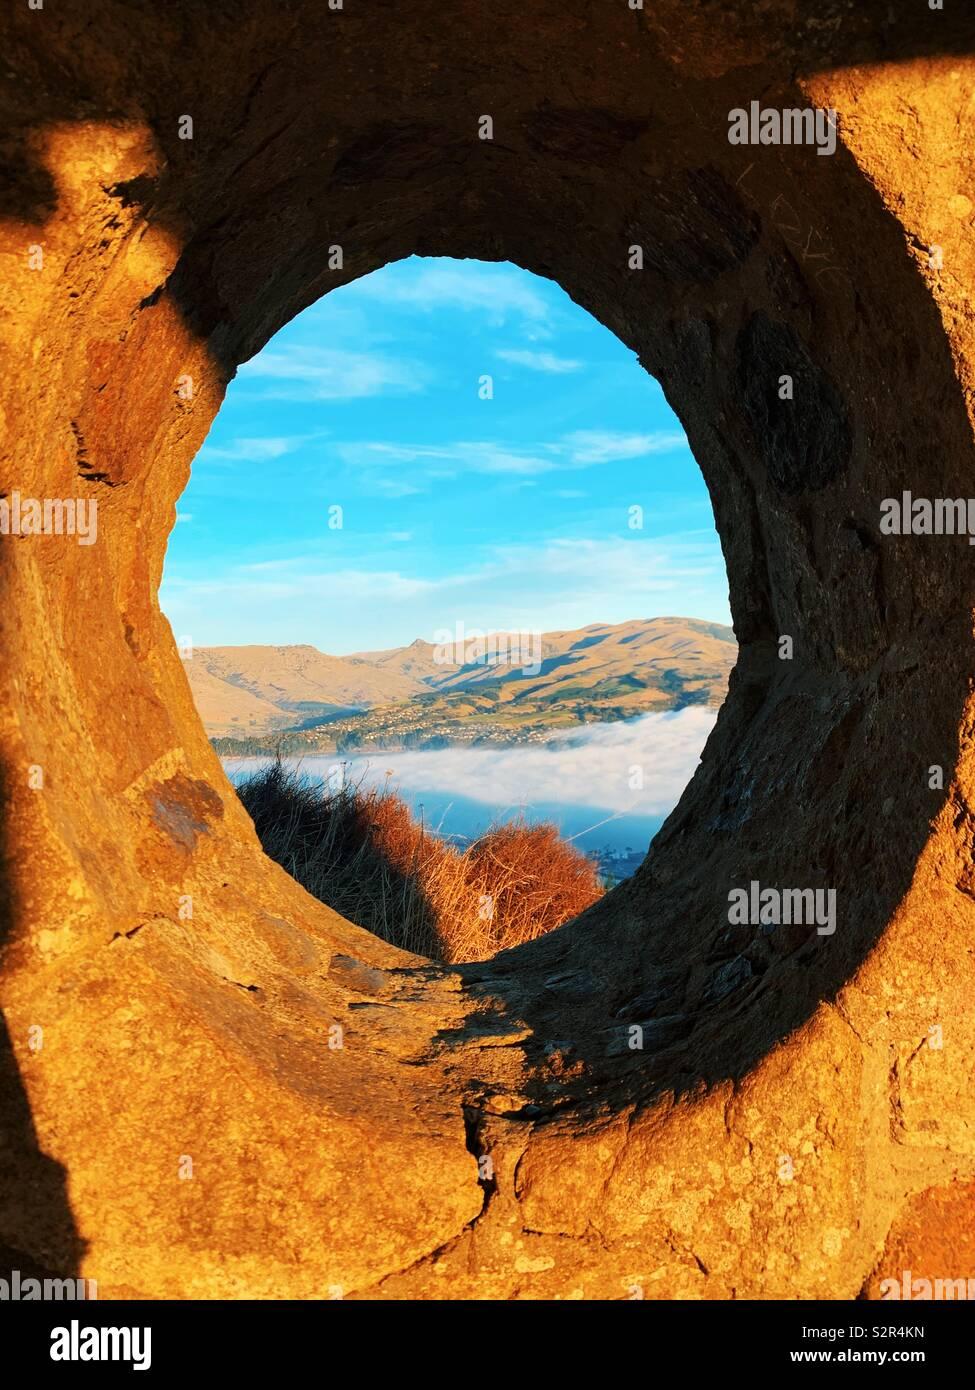 Landschaft durch eine andere Perspektive. Stockfoto